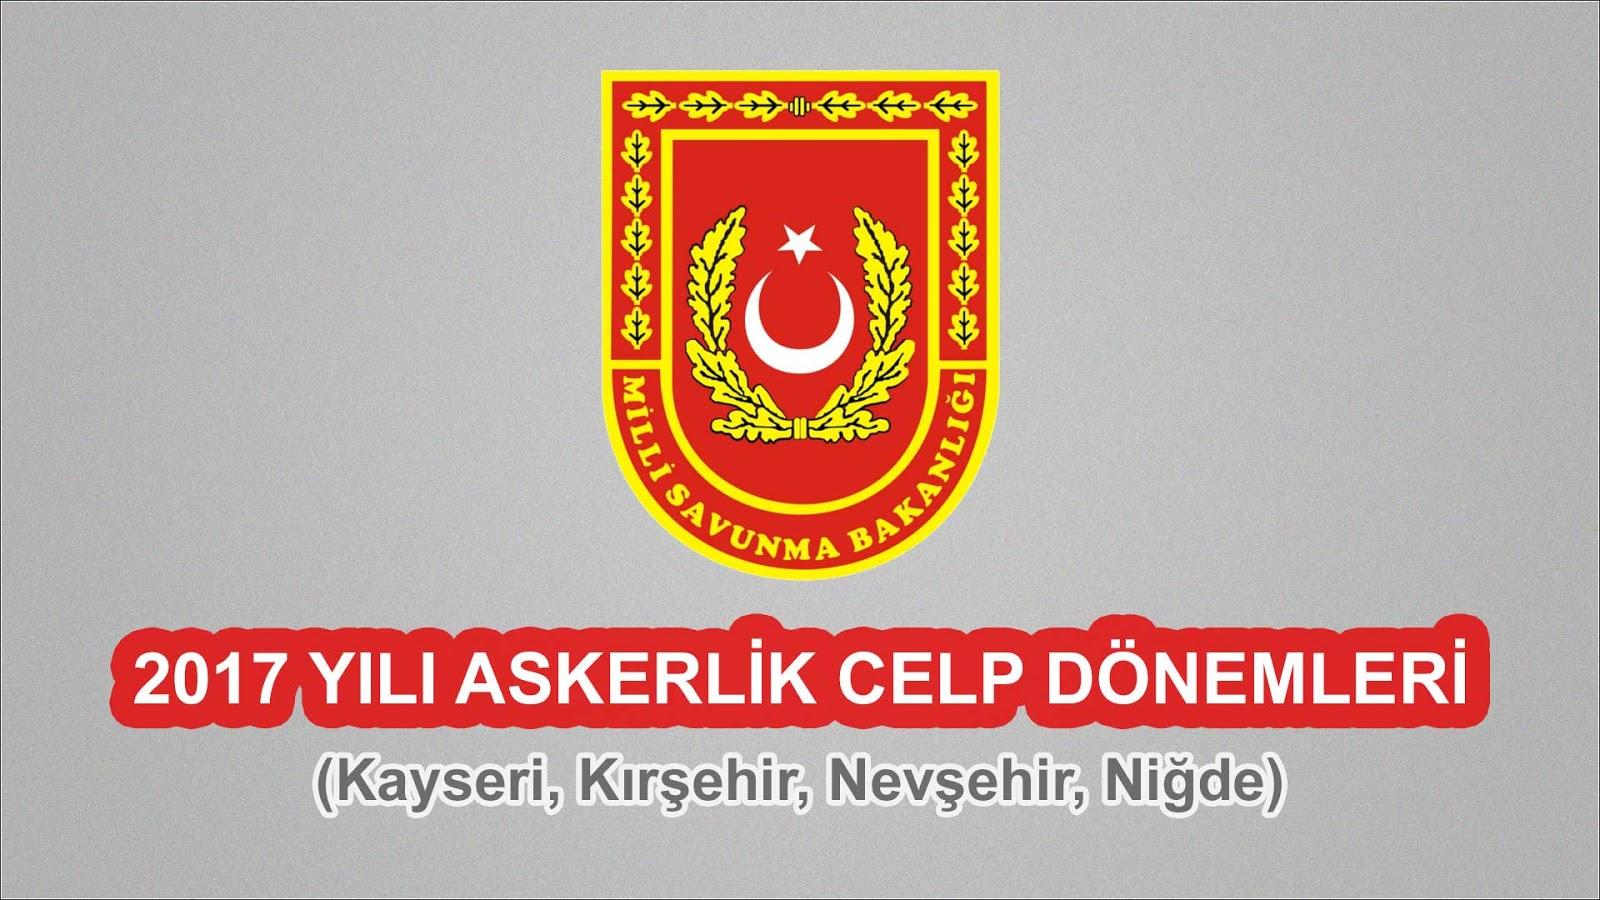 2017 Yılı Kayseri, Kırşehir, Nevşehir, Niğde Askerlik Celp Dönemleri